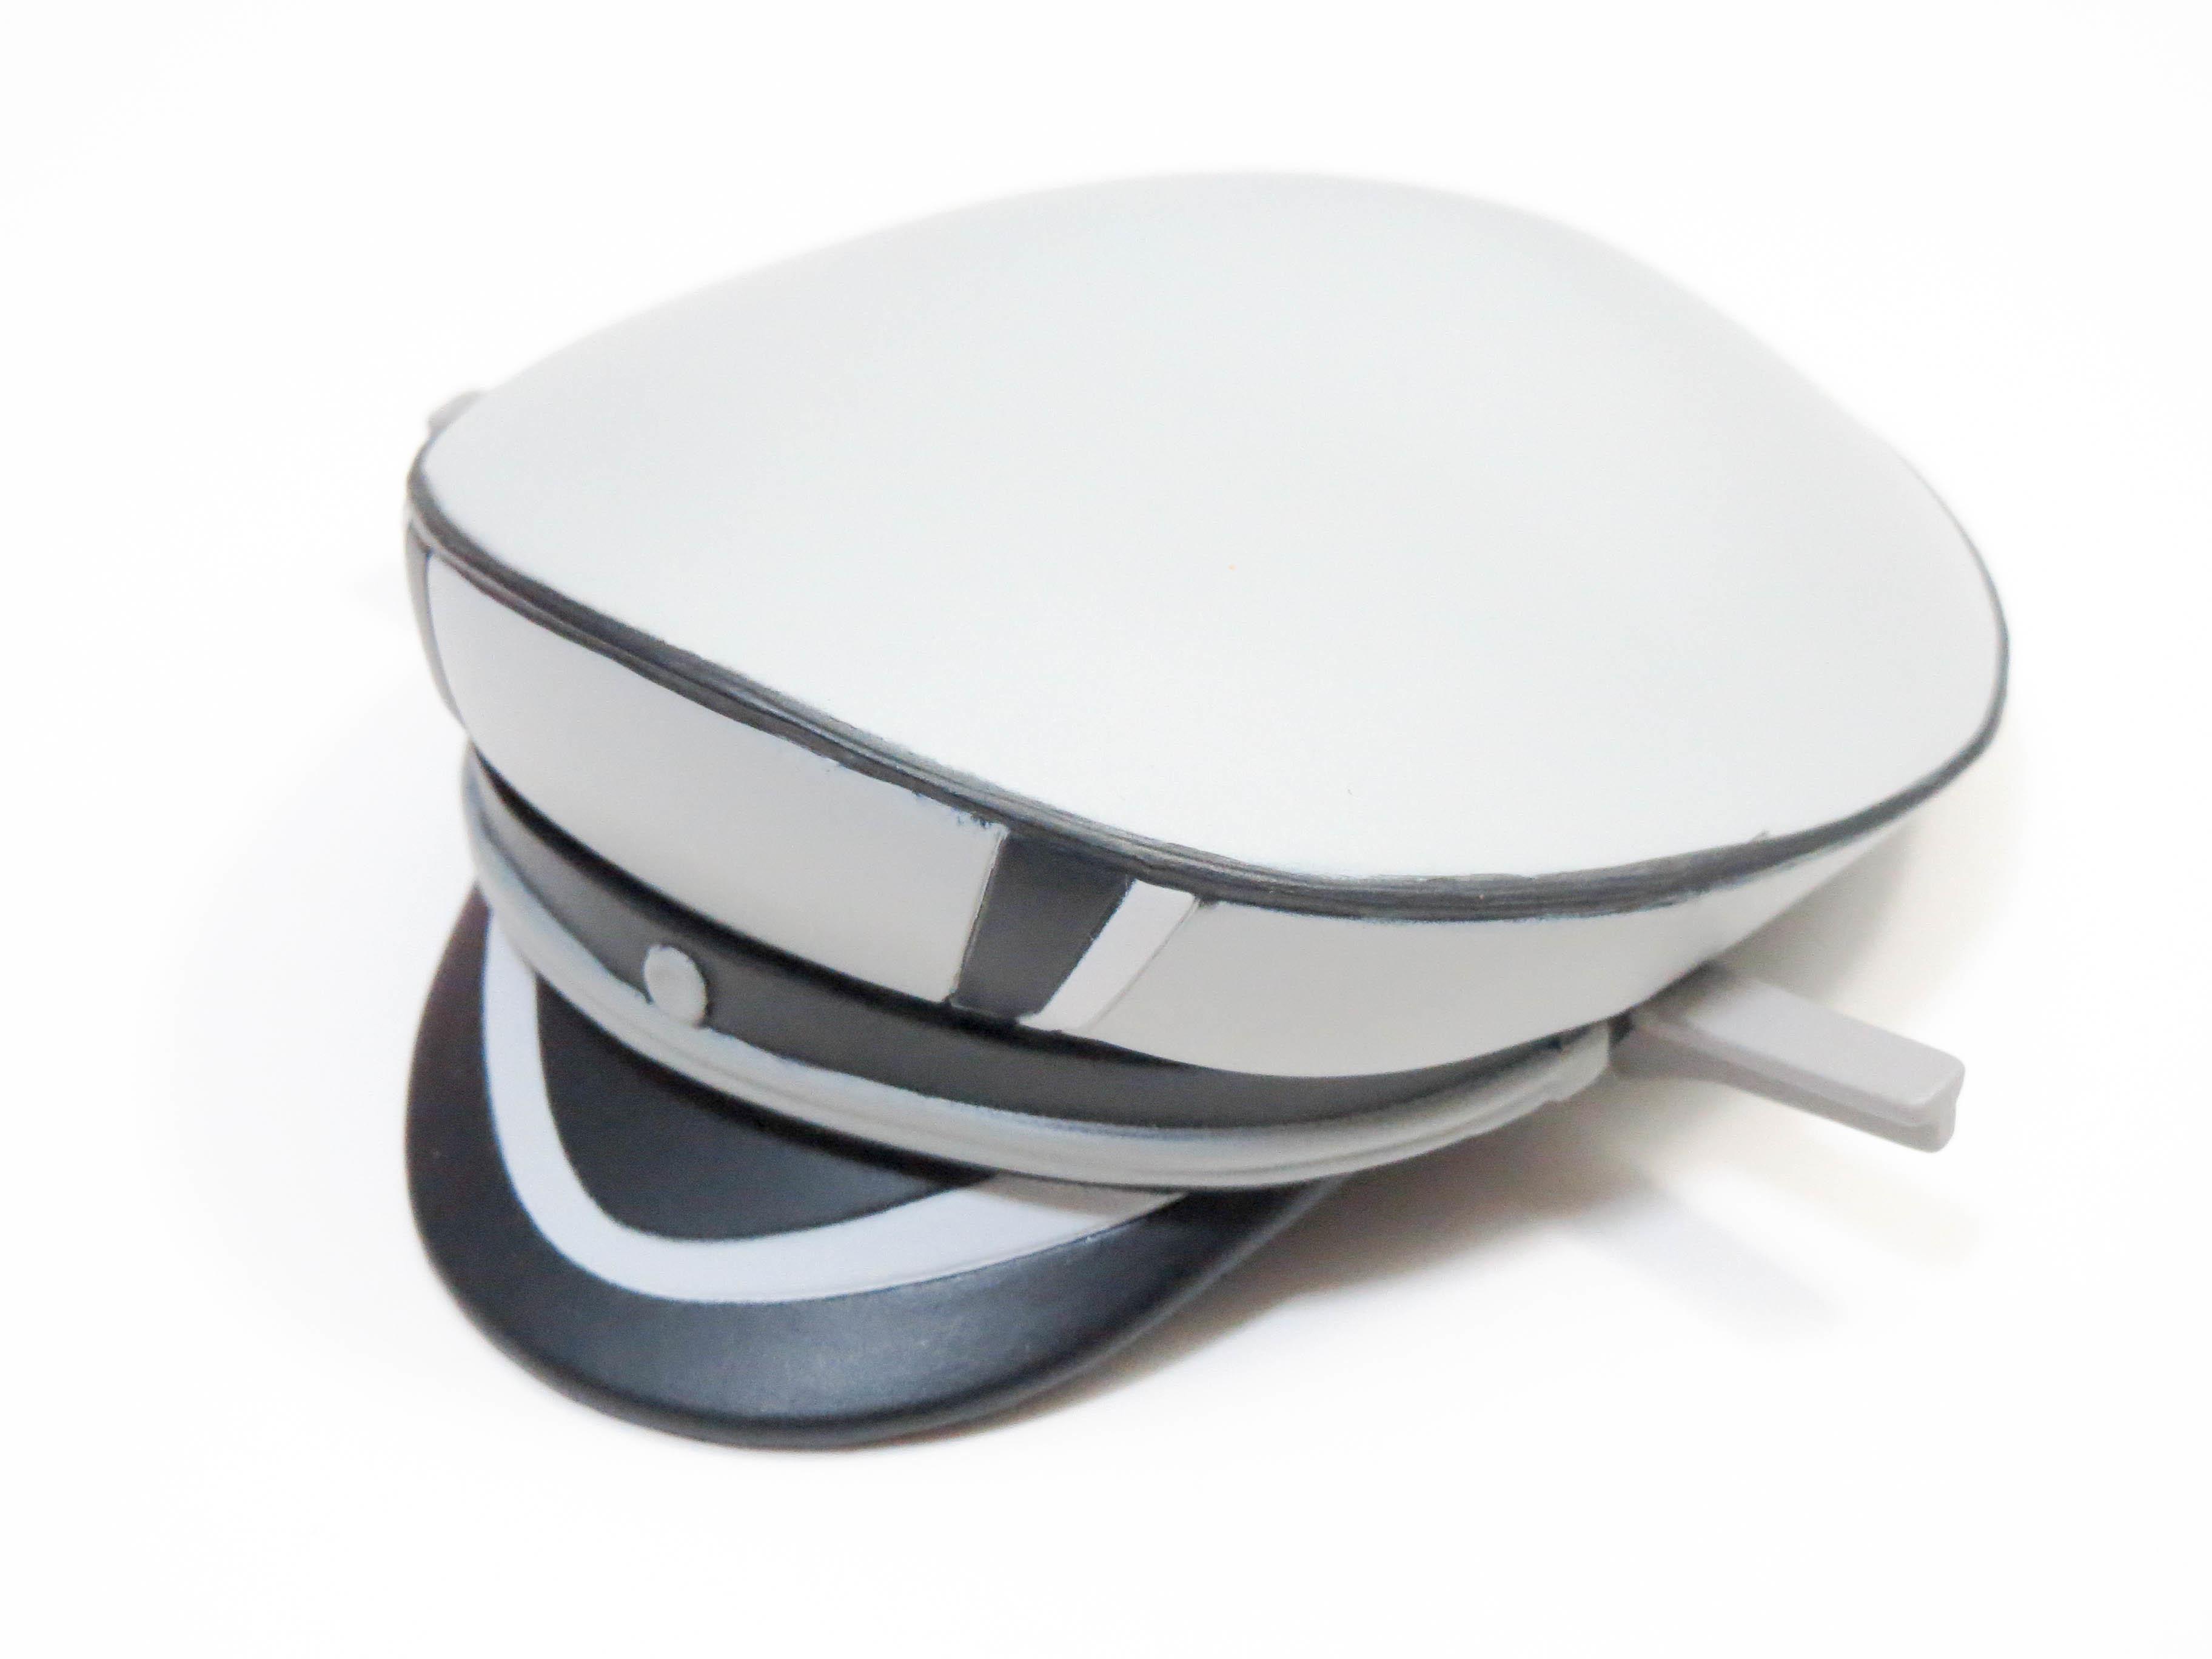 【SALE】【922】 Bismarck[ビスマルク]改 小物パーツ 帽子 ねんどろいど